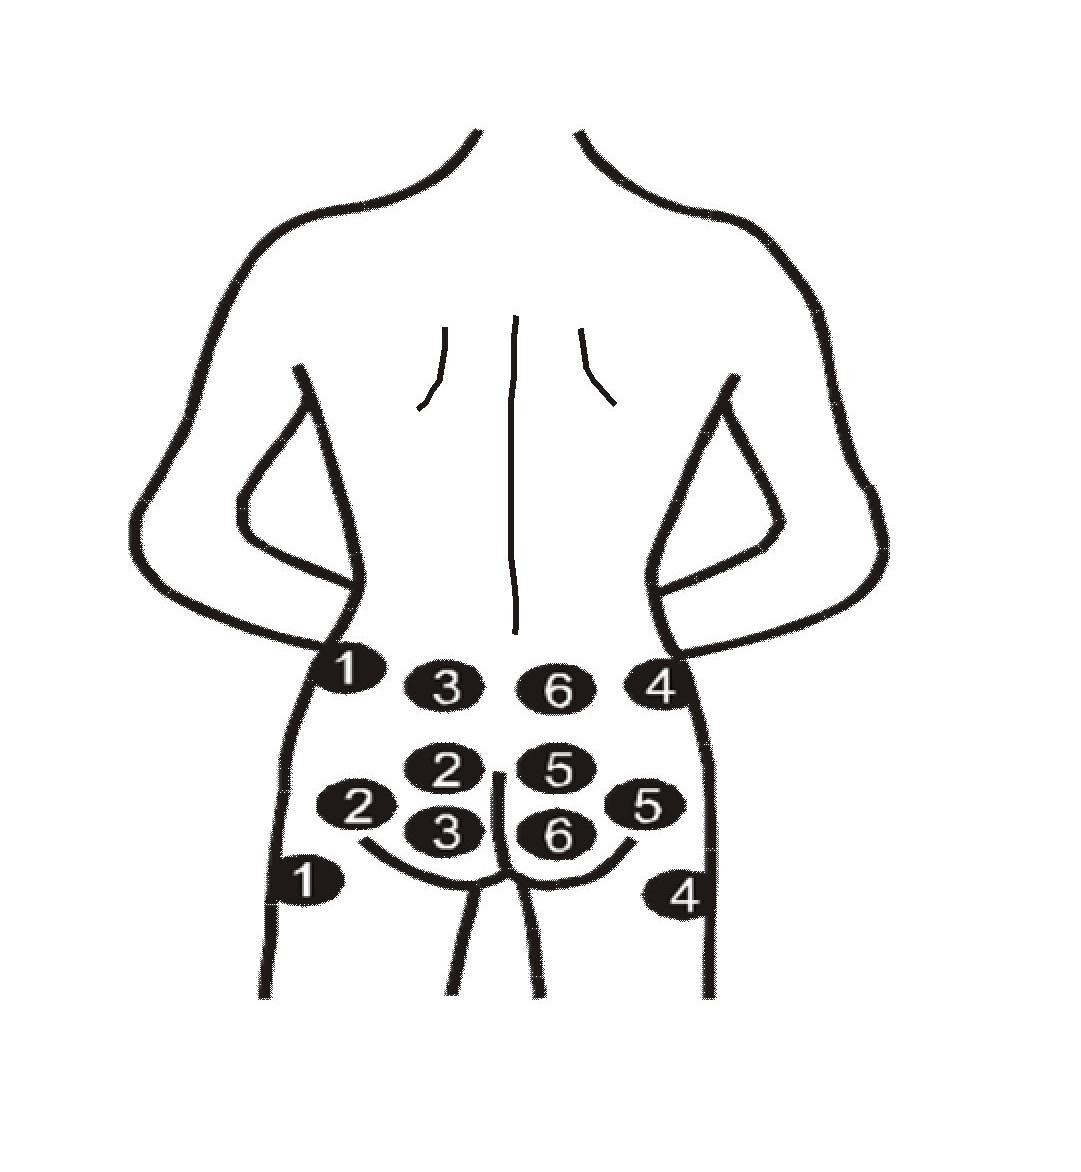 Целутрон-електростимулатор Процедура 6